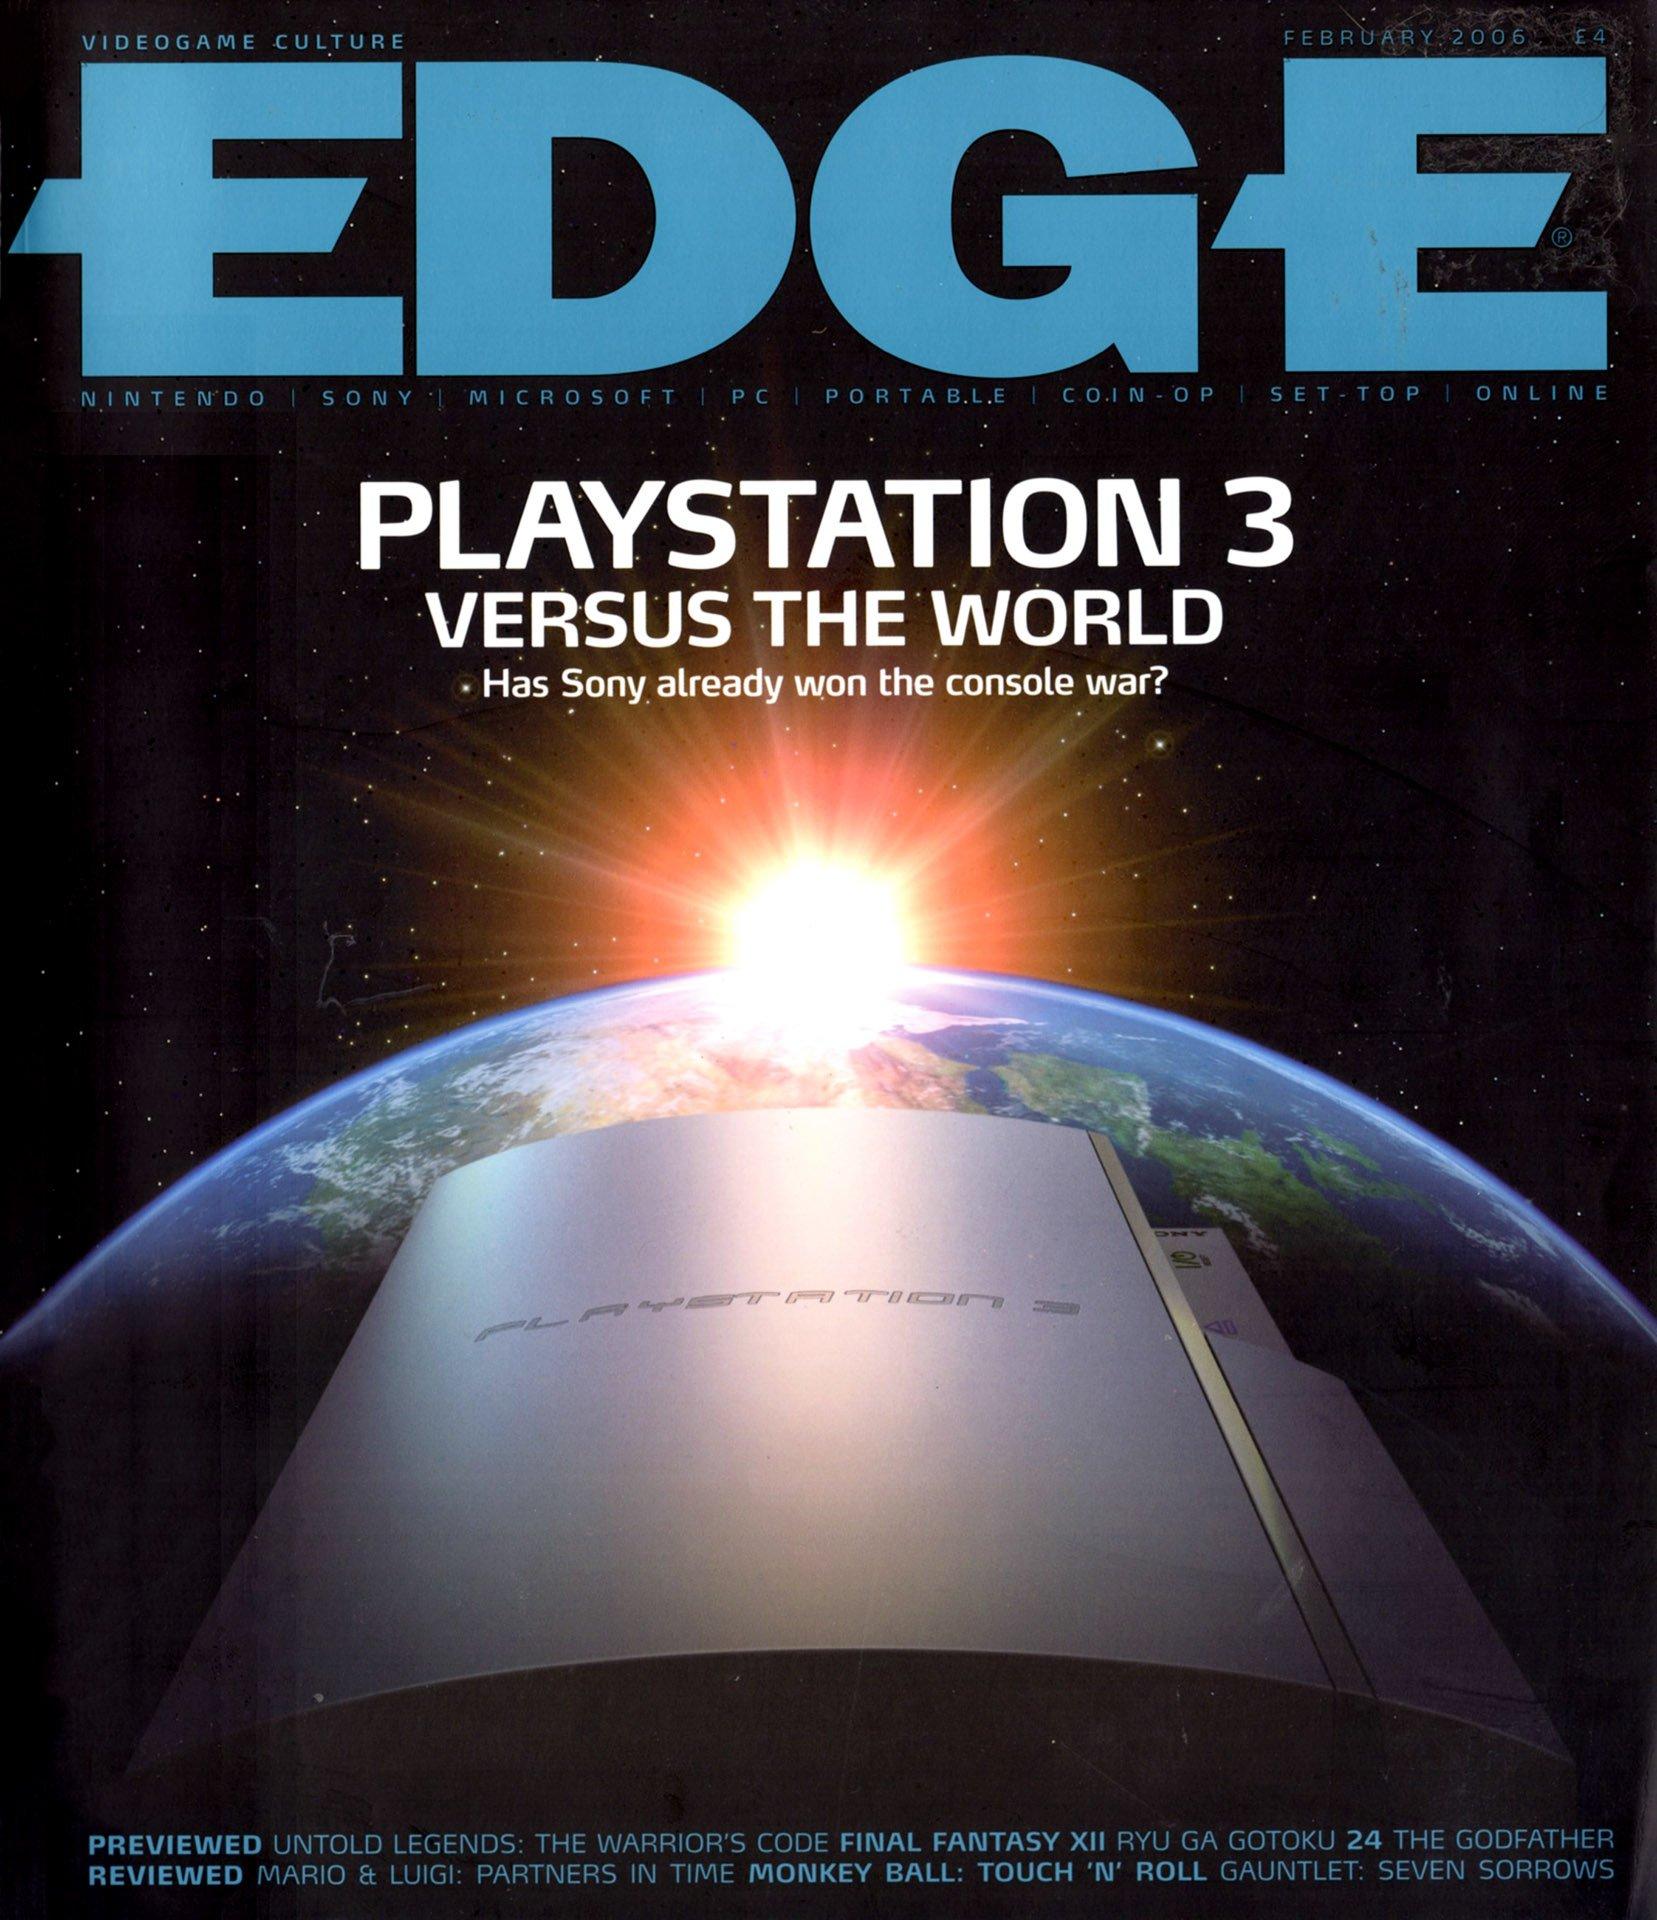 Edge 159 (February 2006)